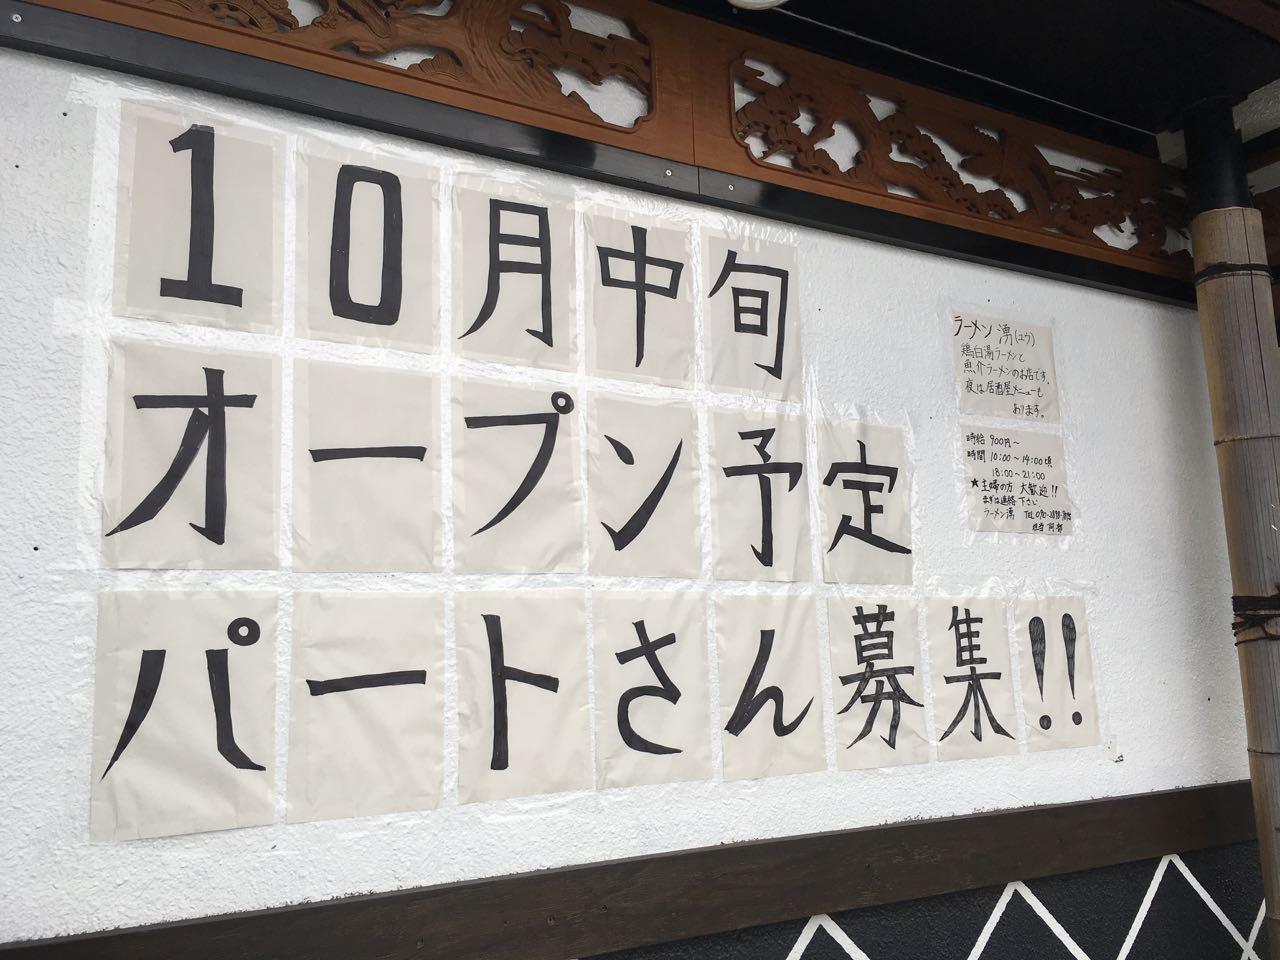 みとん今治,ラーメン,湧,桜井,新規オープン